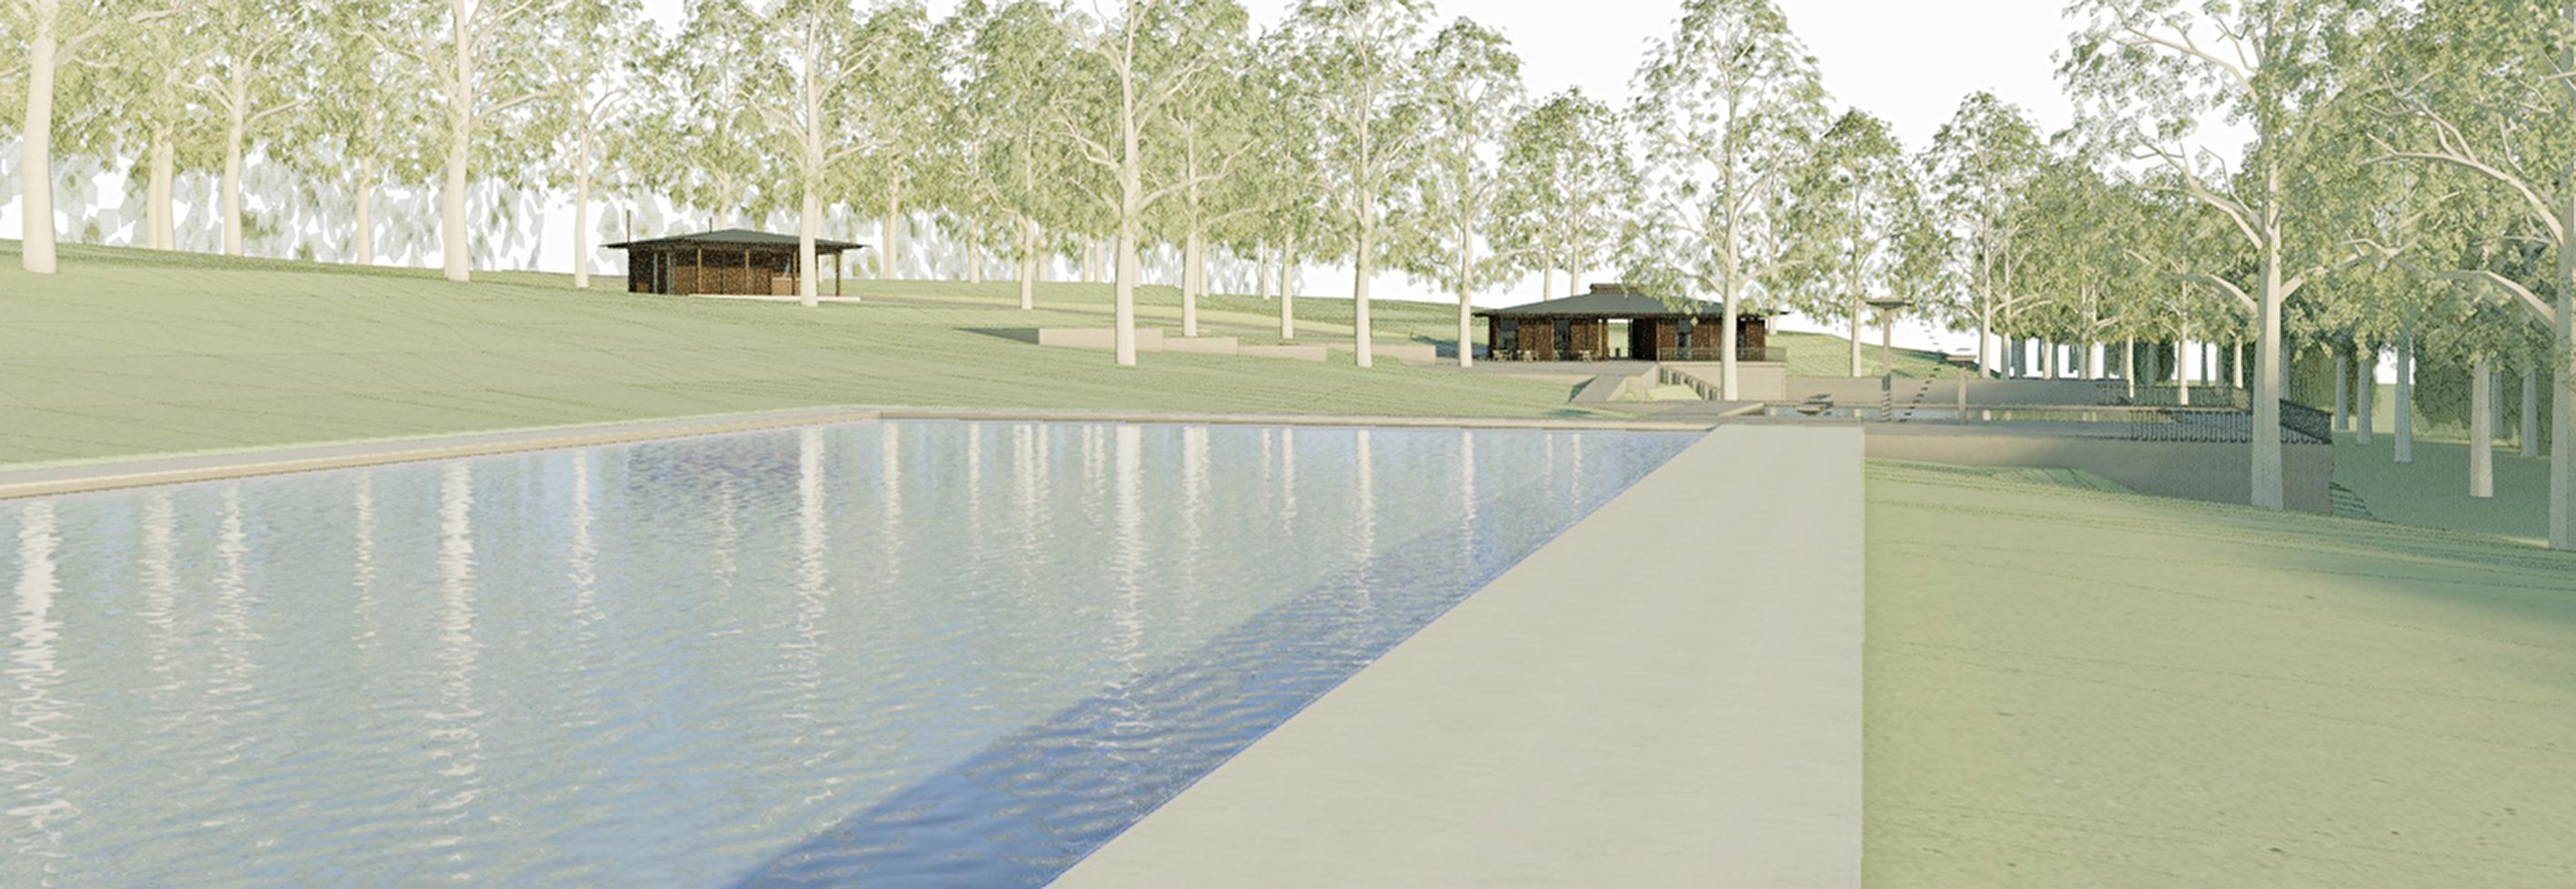 Visualisierung Waldschwimmbad Zimmeregg